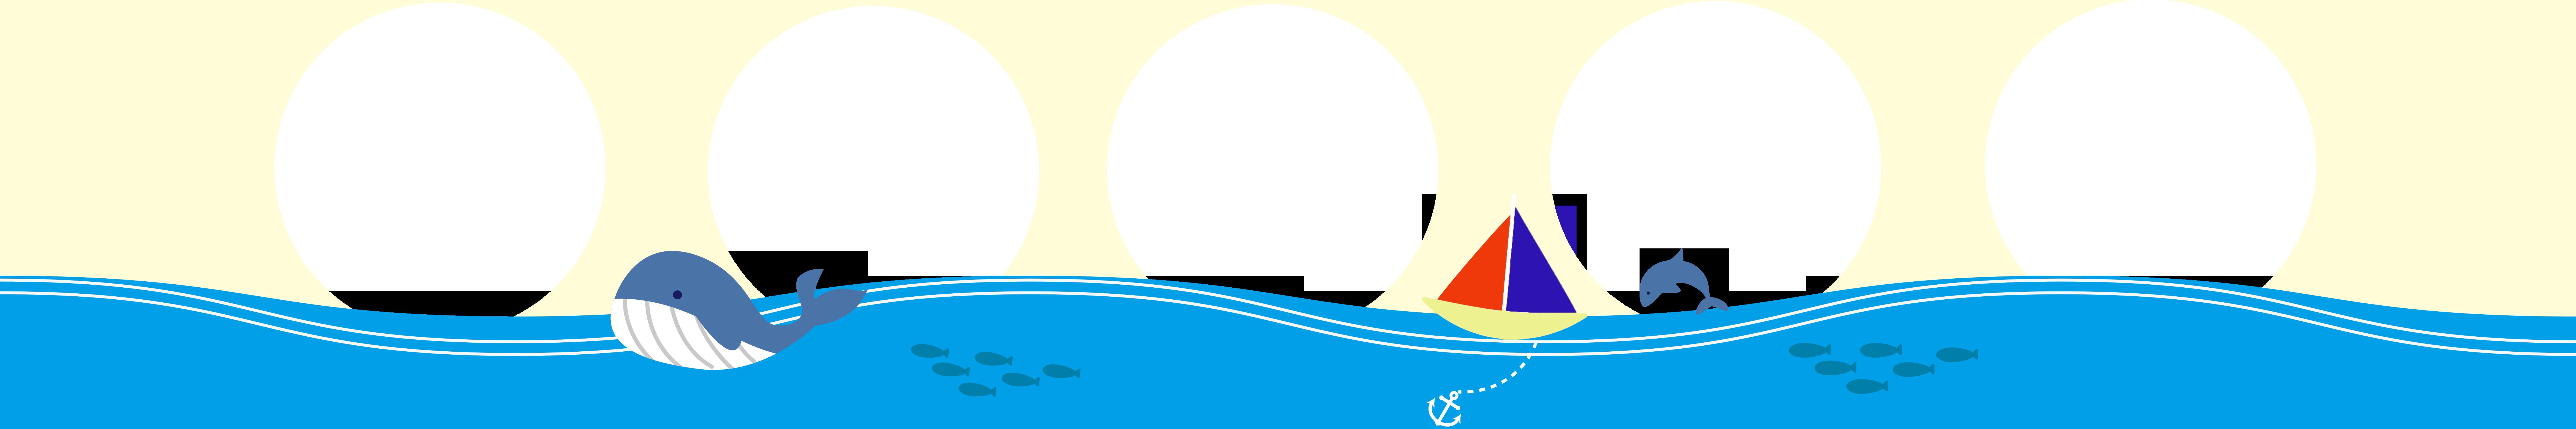 haikei_seisiki